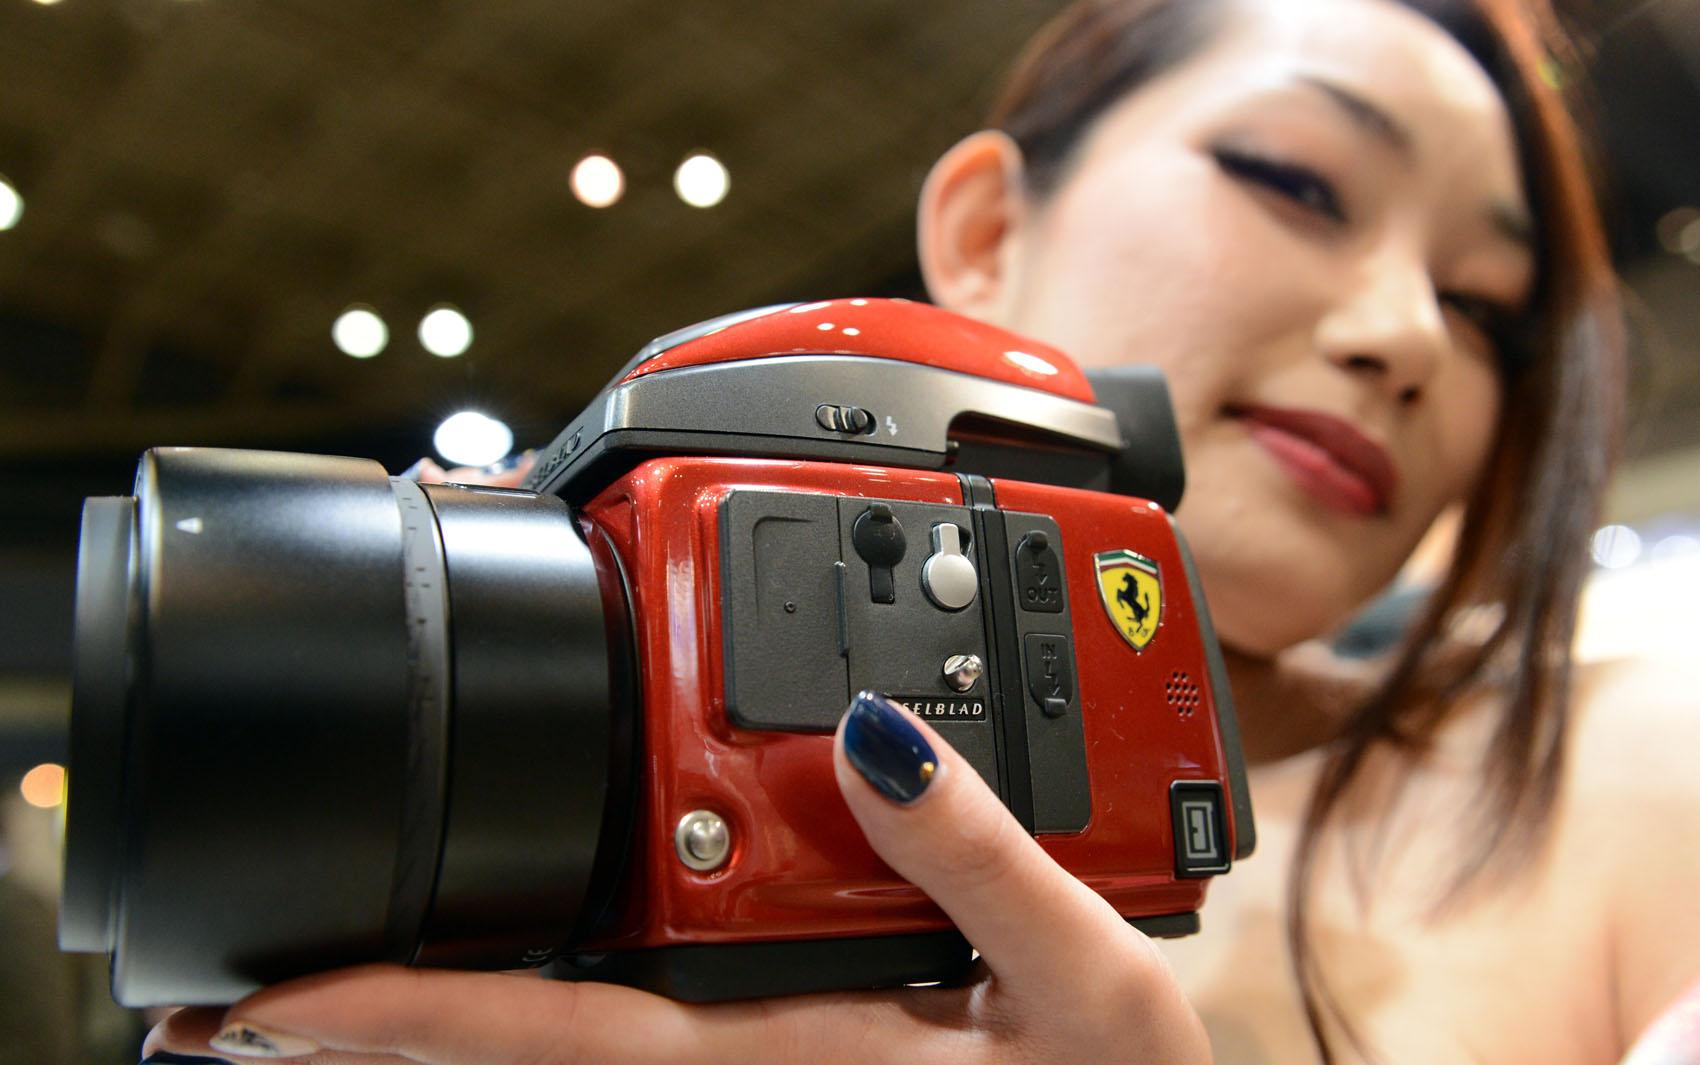 Modelo mostra câmera Hasselblad H4D-40 digital edição limitada com logo da Ferrari no primeiro dia da feira em Yokohama, Japão